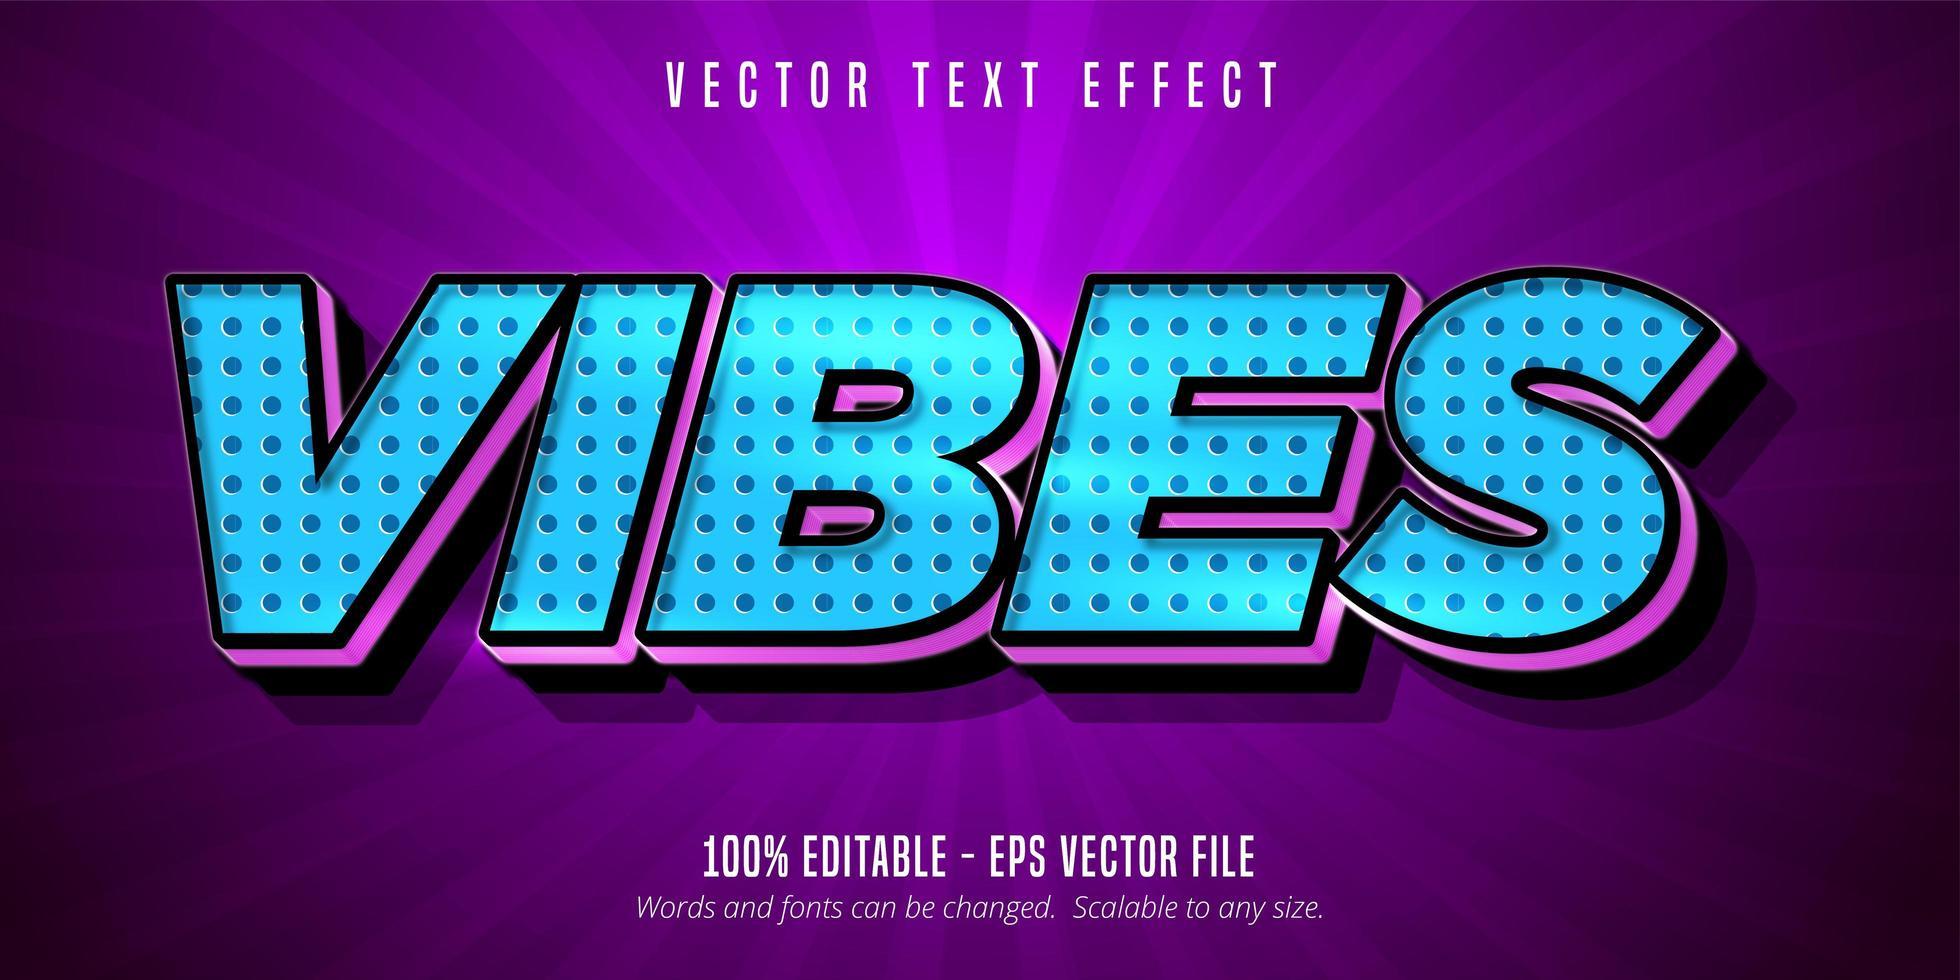 blu mezzitoni vibra effetto di testo modificabile in stile cartone animato vettore